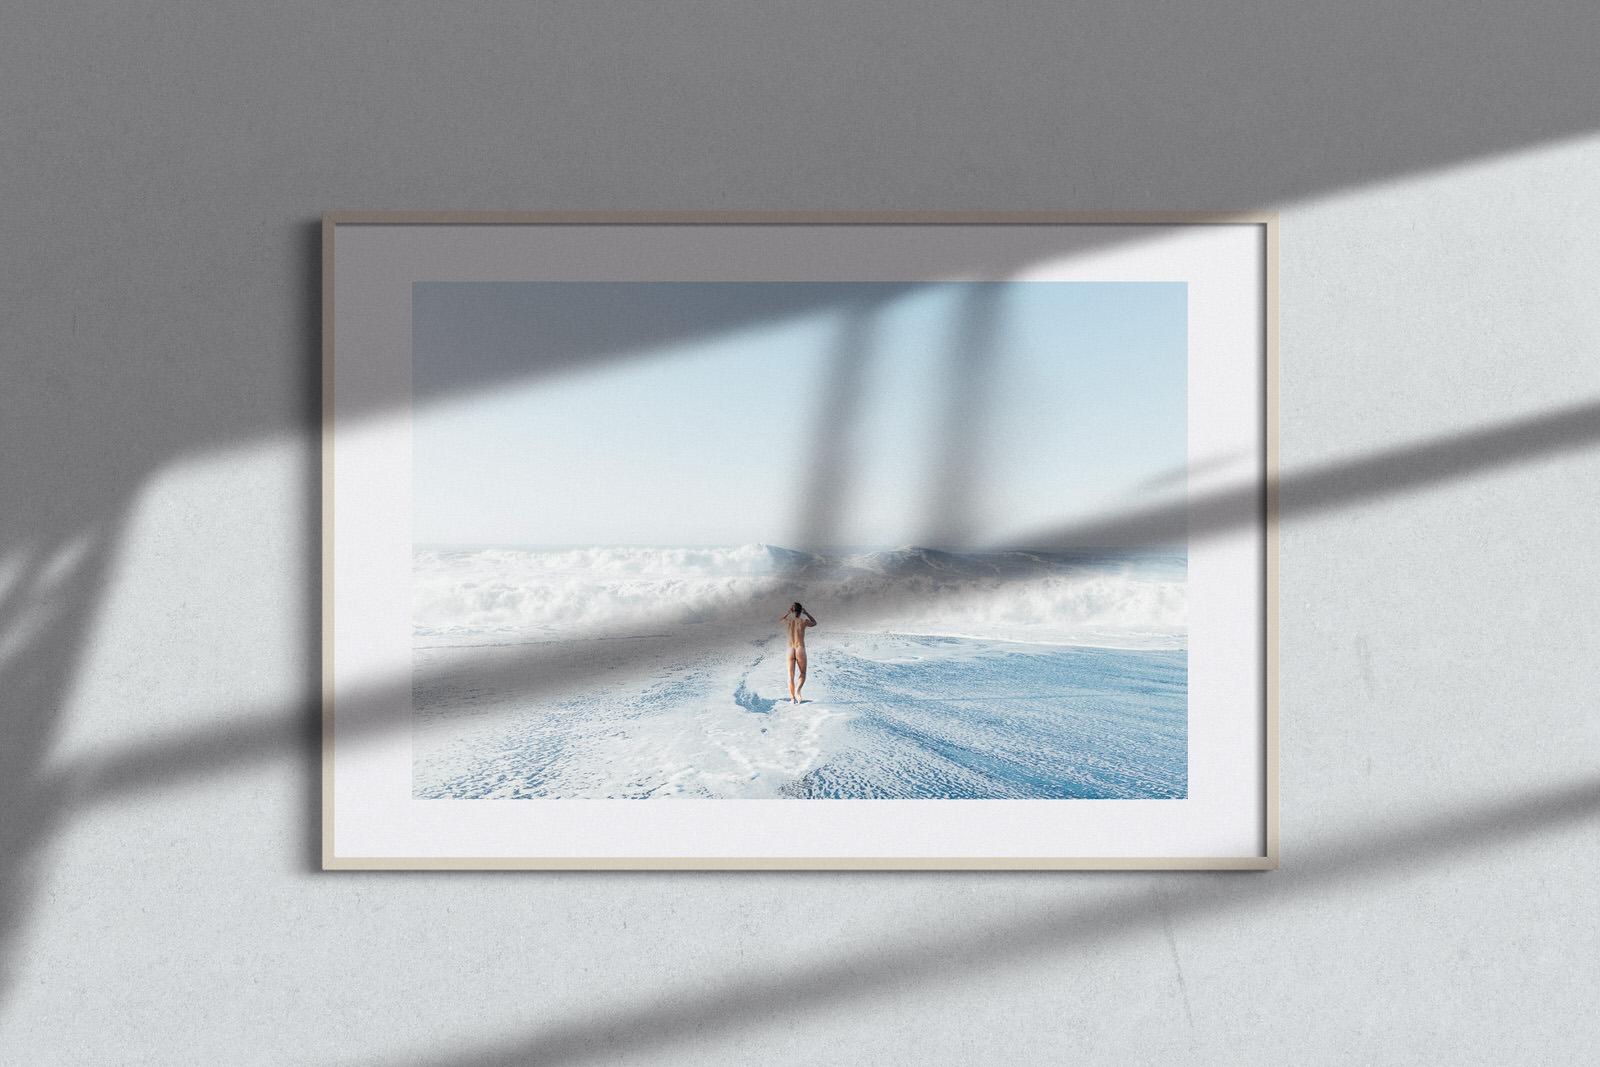 weitsein-Fotografie-Kunstwerk